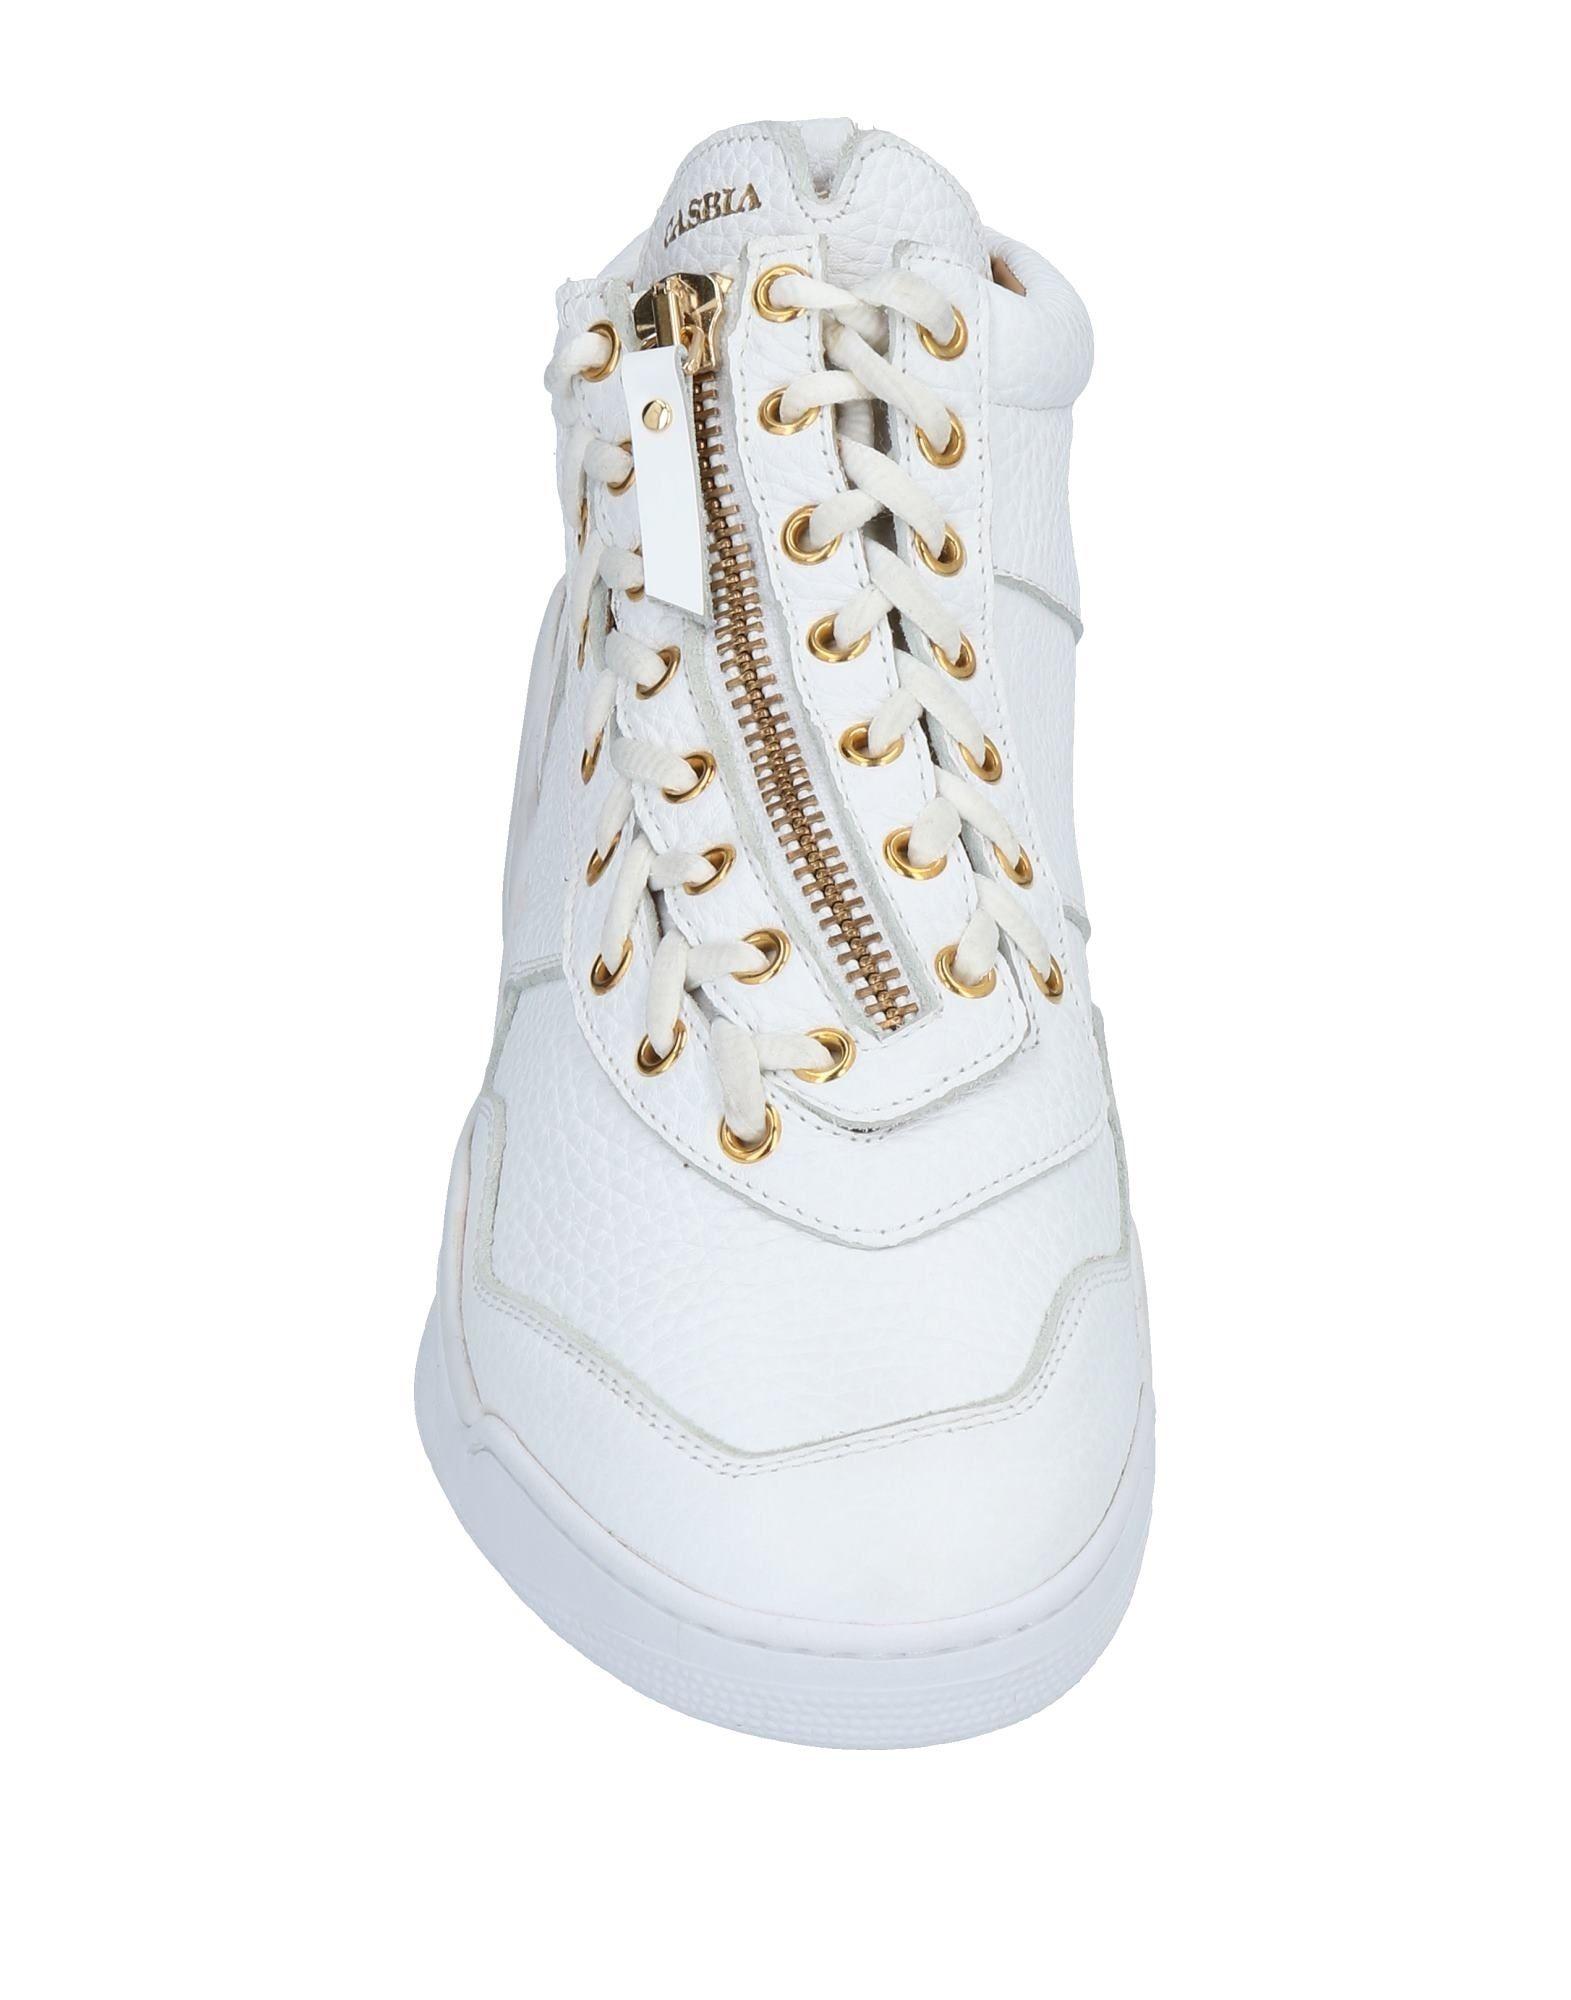 Casbia X Champion Sneakers beliebte Herren  11478792ER Gute Qualität beliebte Sneakers Schuhe 8c0d17